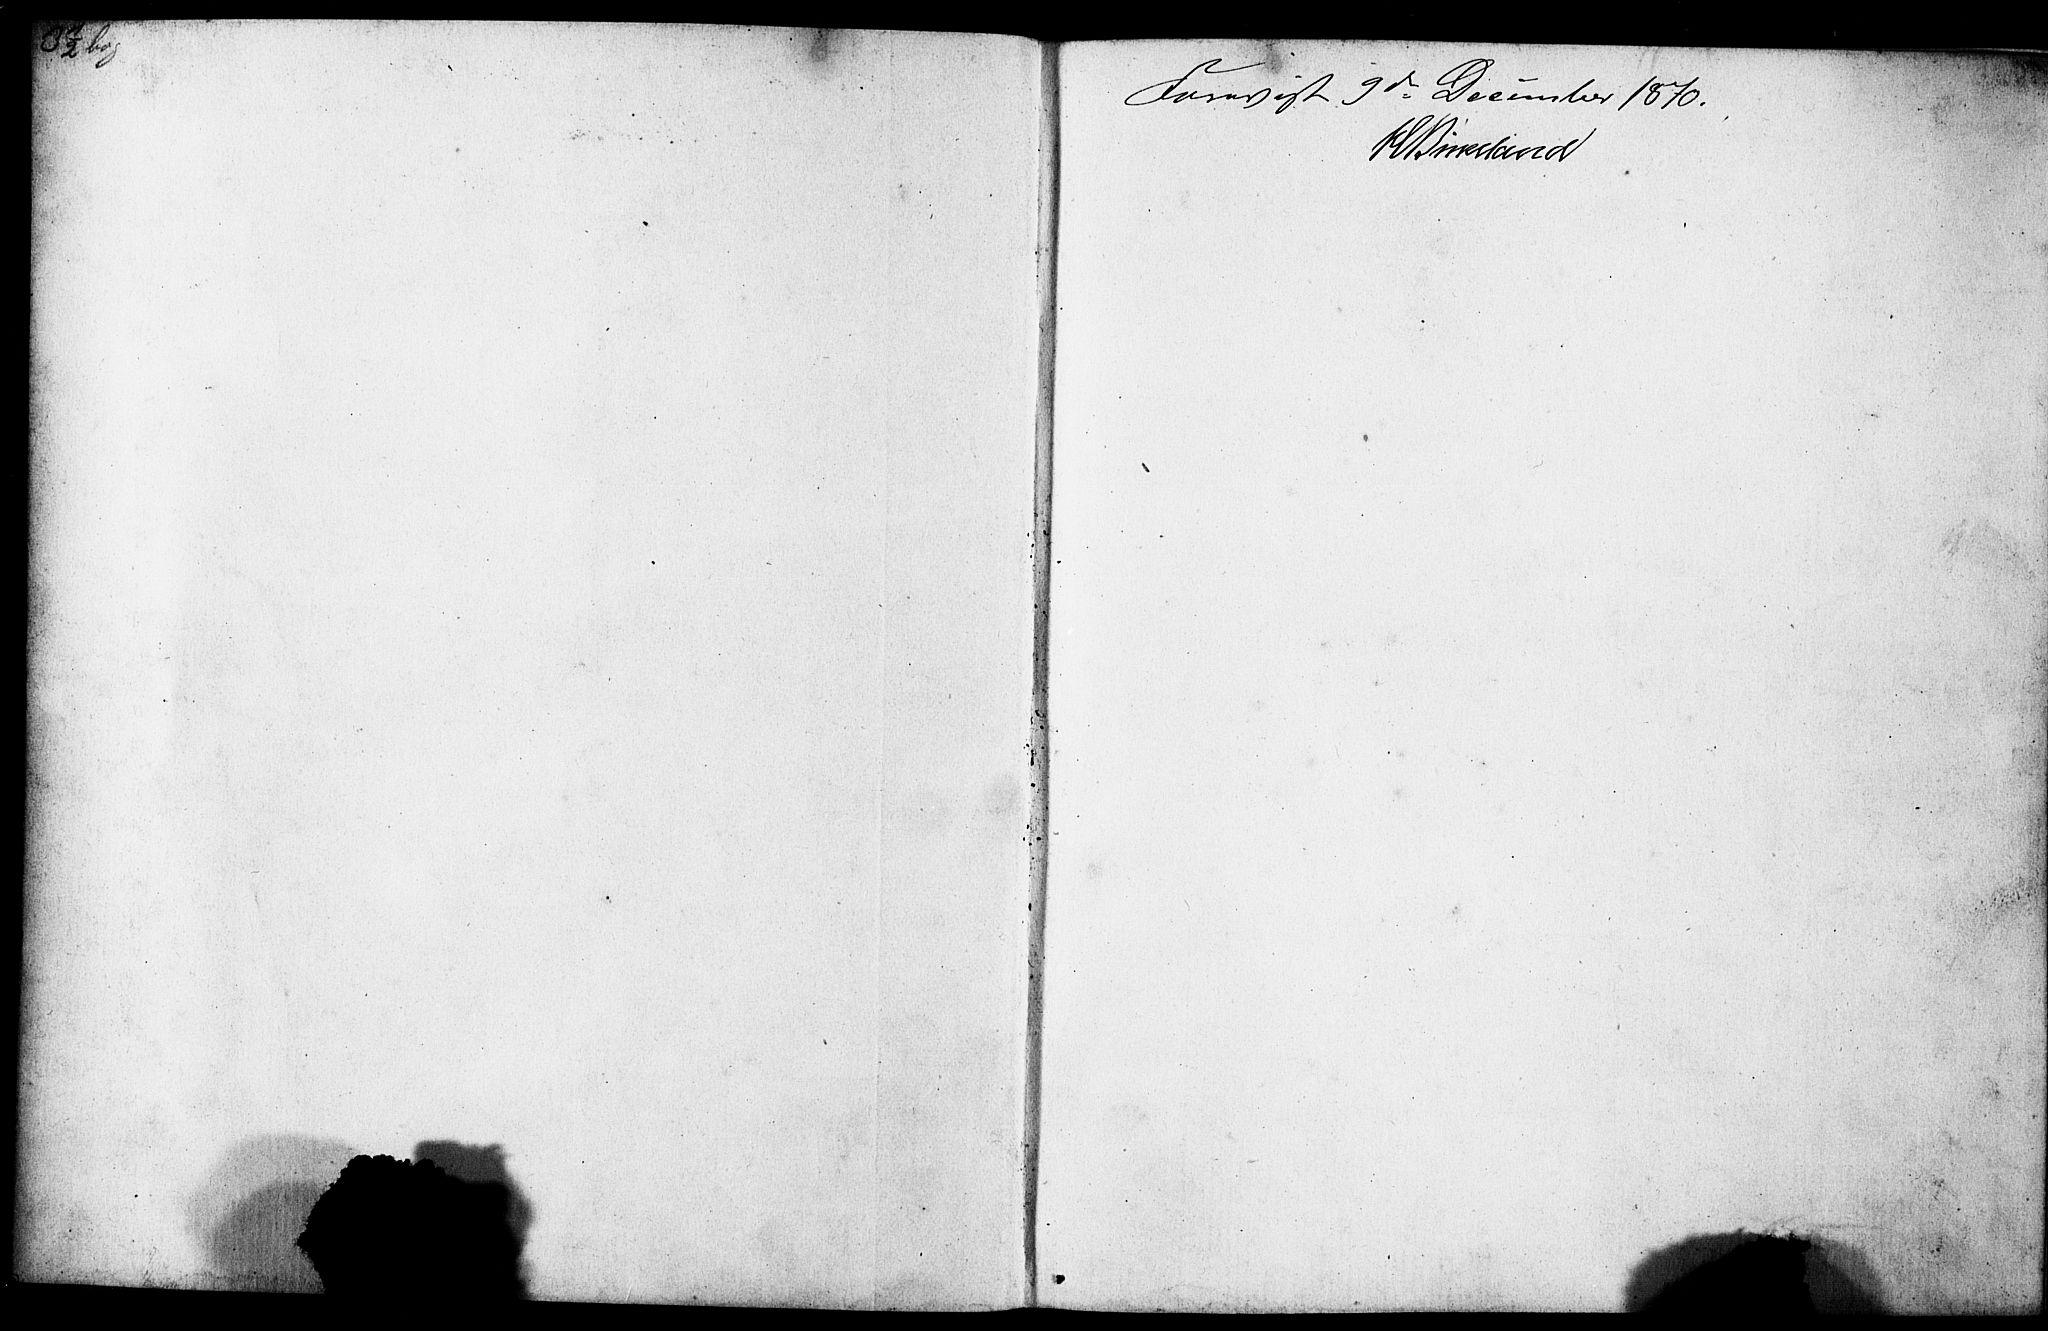 SAB, Domkirken Sokneprestembete, Forlovererklæringer nr. II.5.7, 1870-1876, s. 1